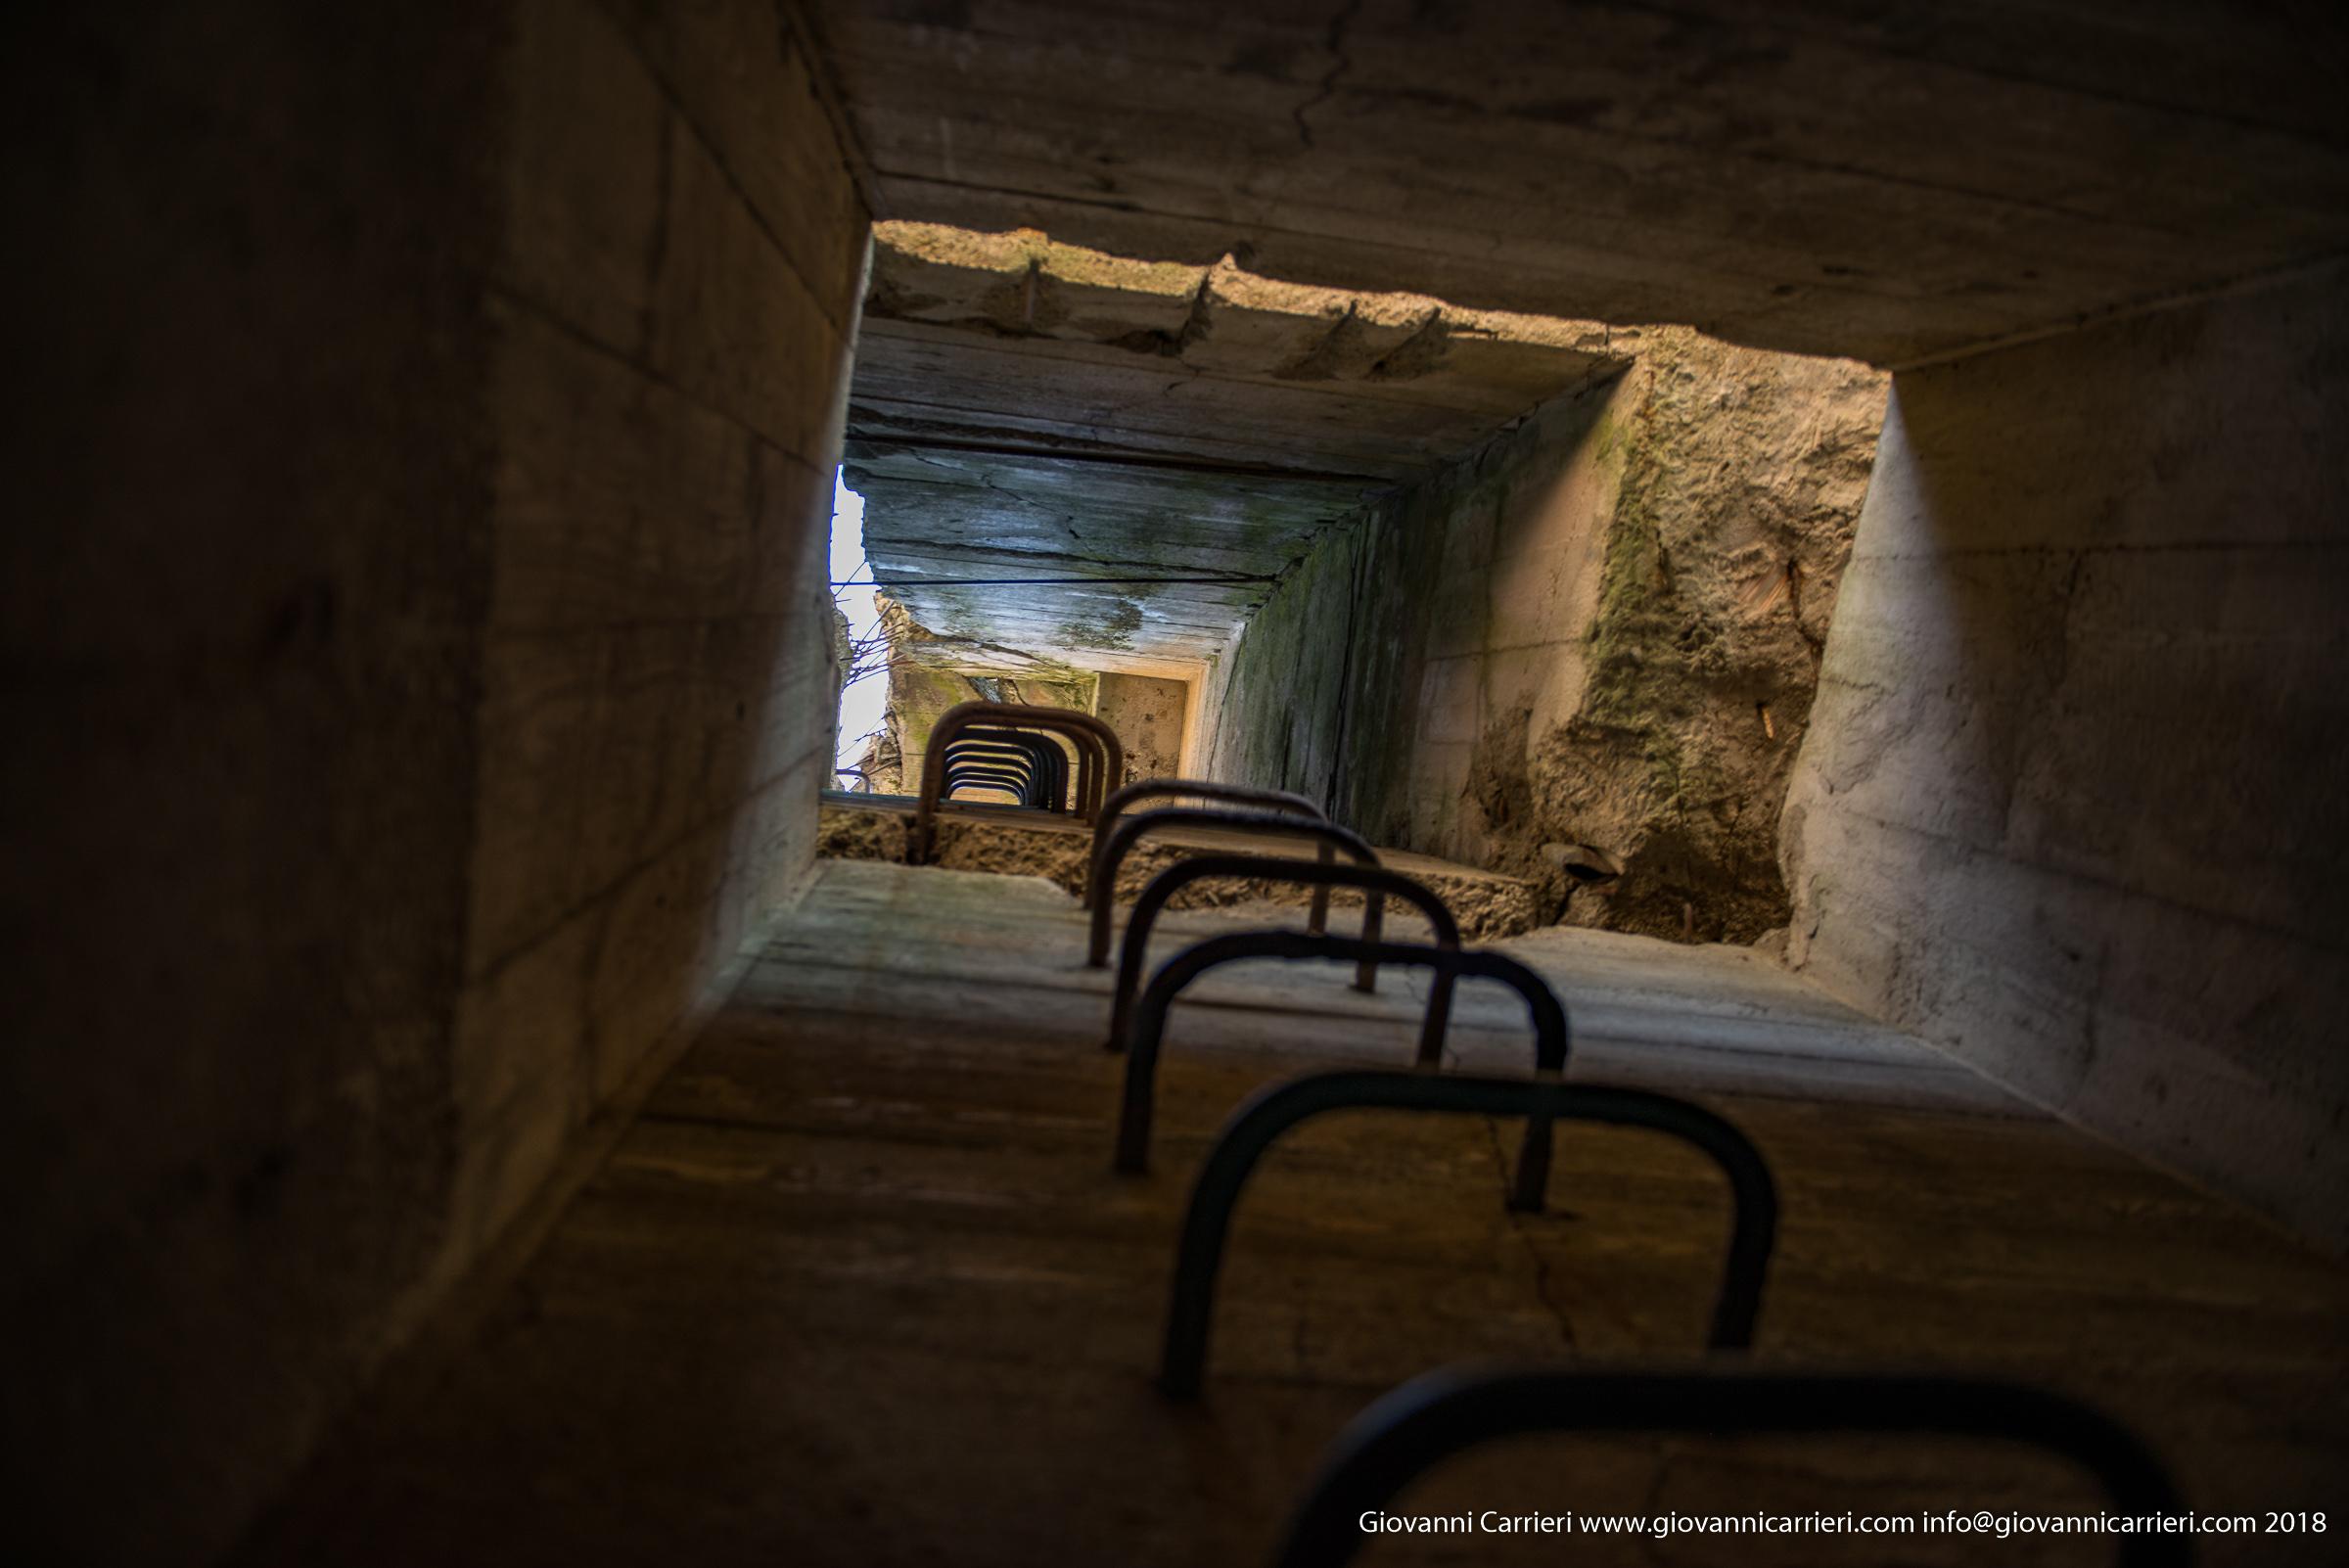 Dentro il bunker di Hitler, le scale che portano al sistema antiaereo